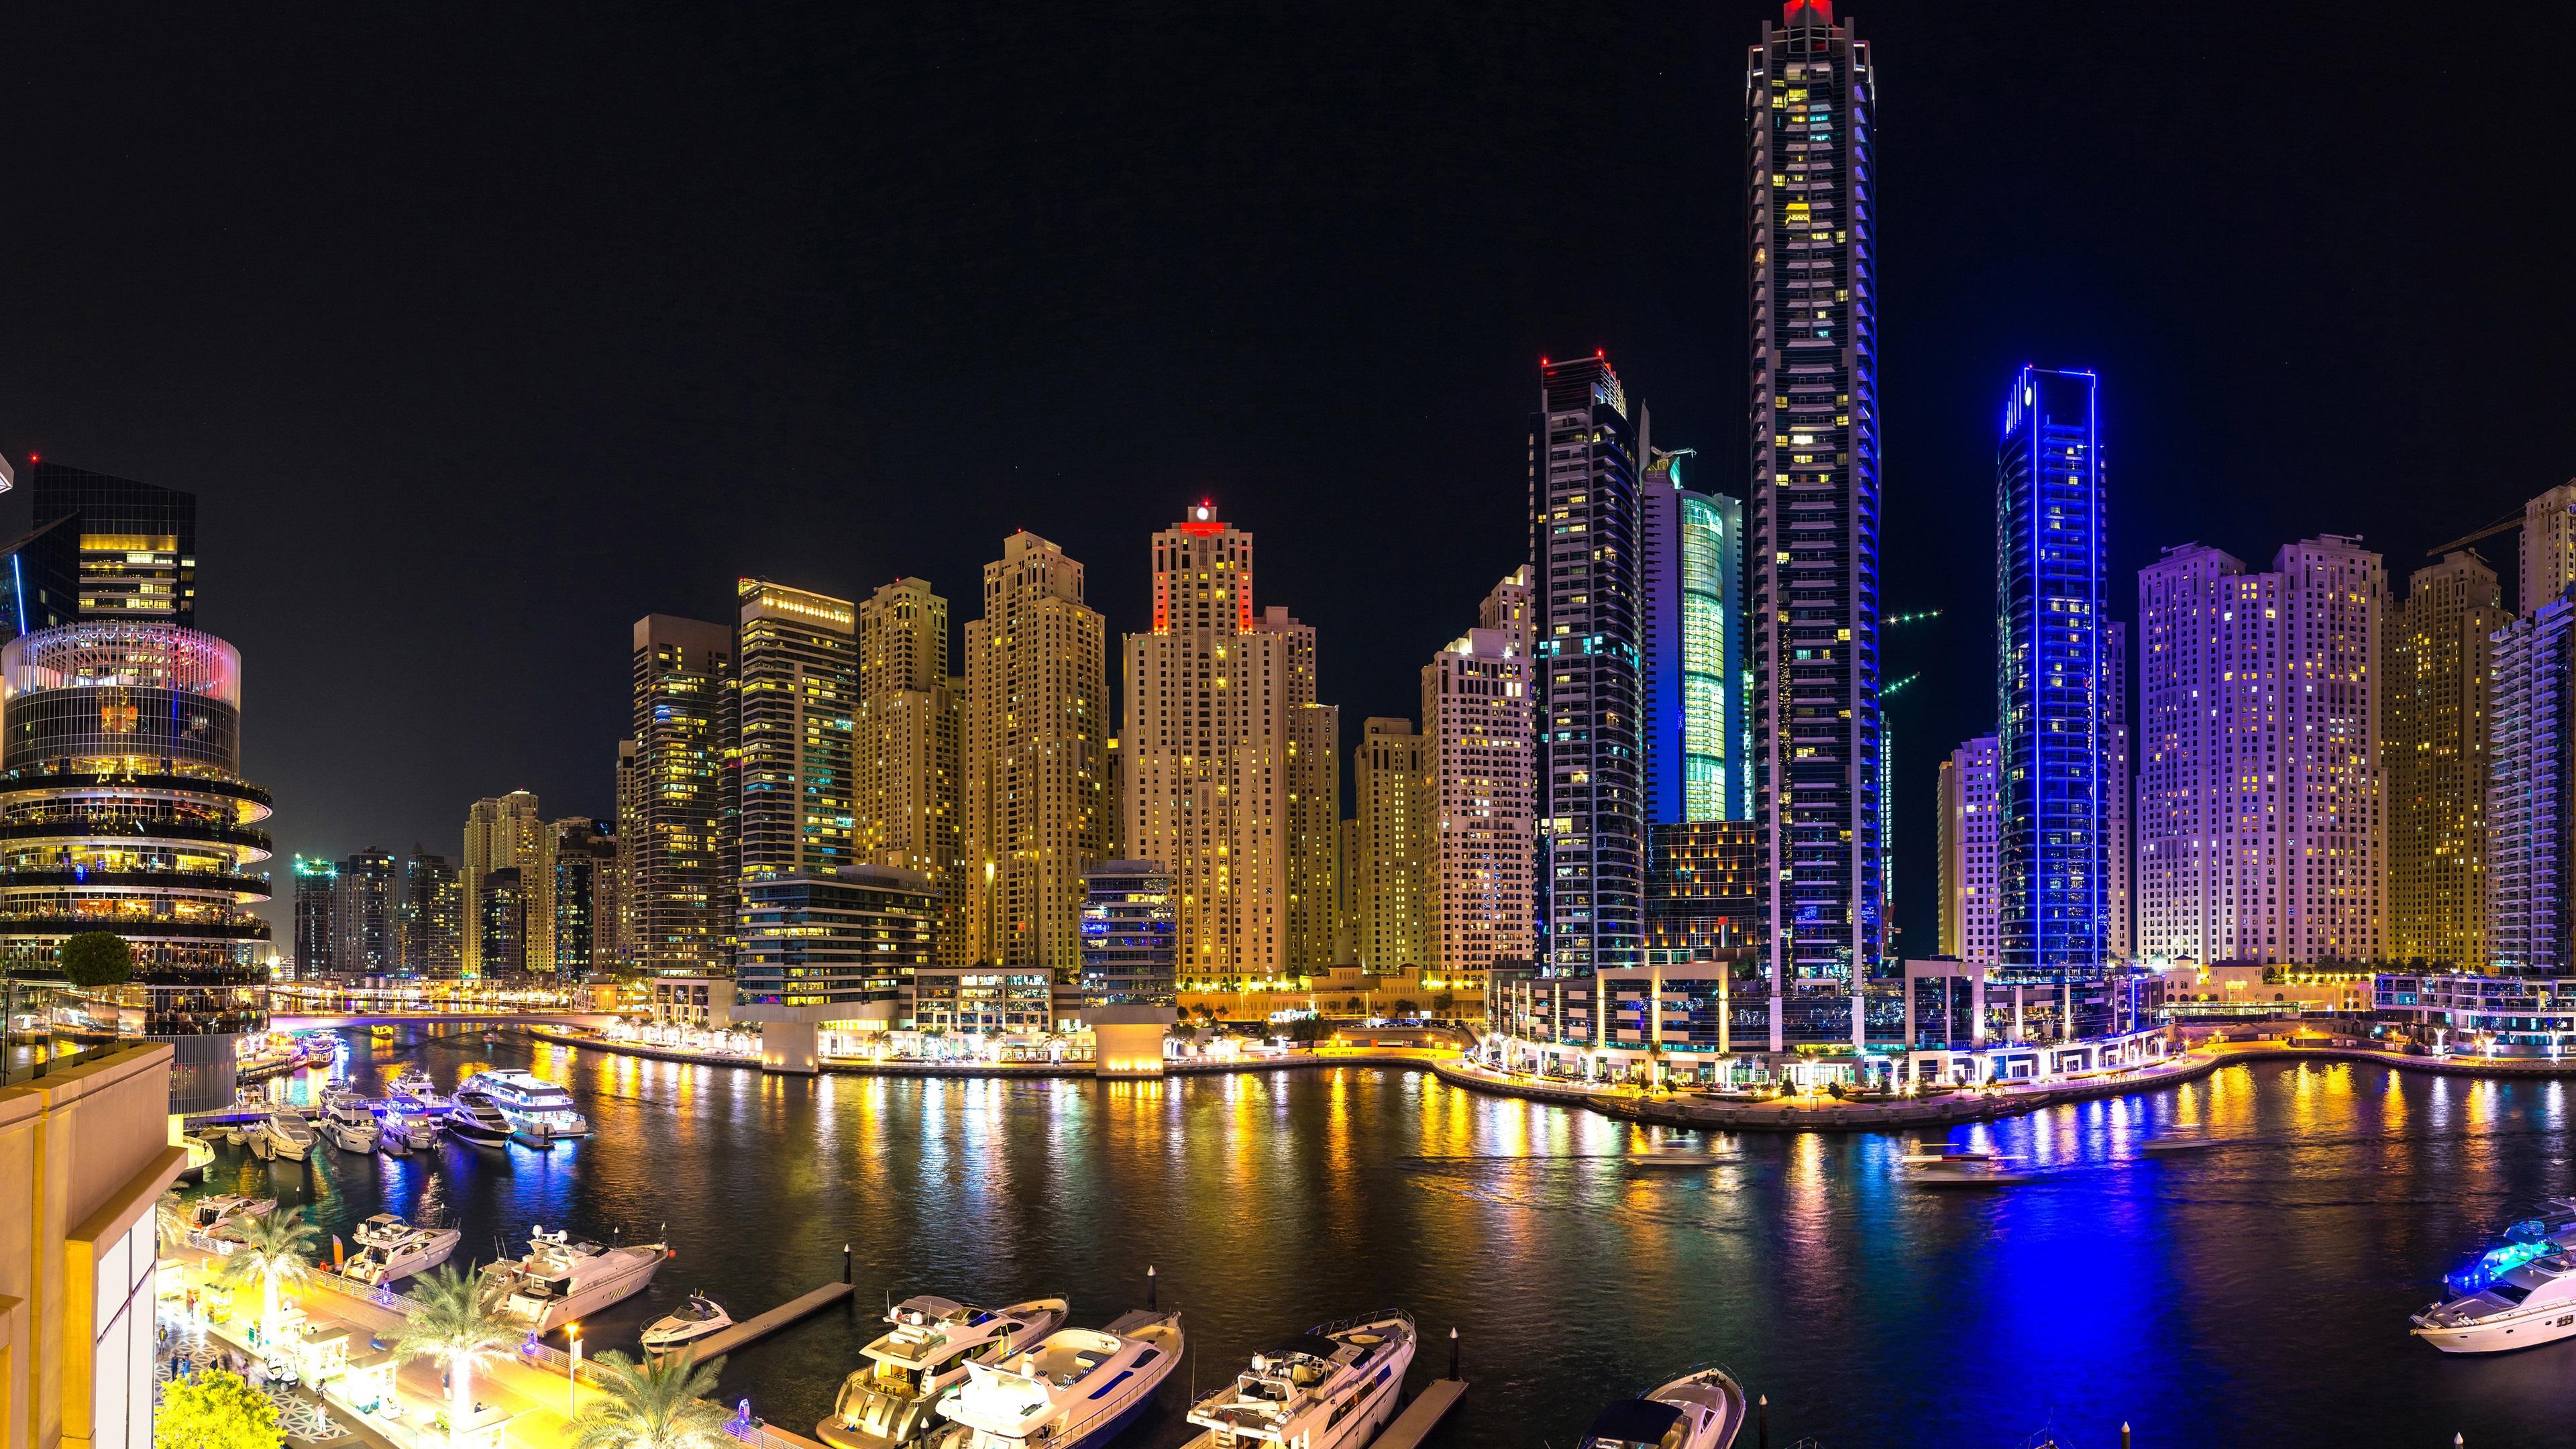 3840x2160 uhd 4k - Night light city wallpaper ...